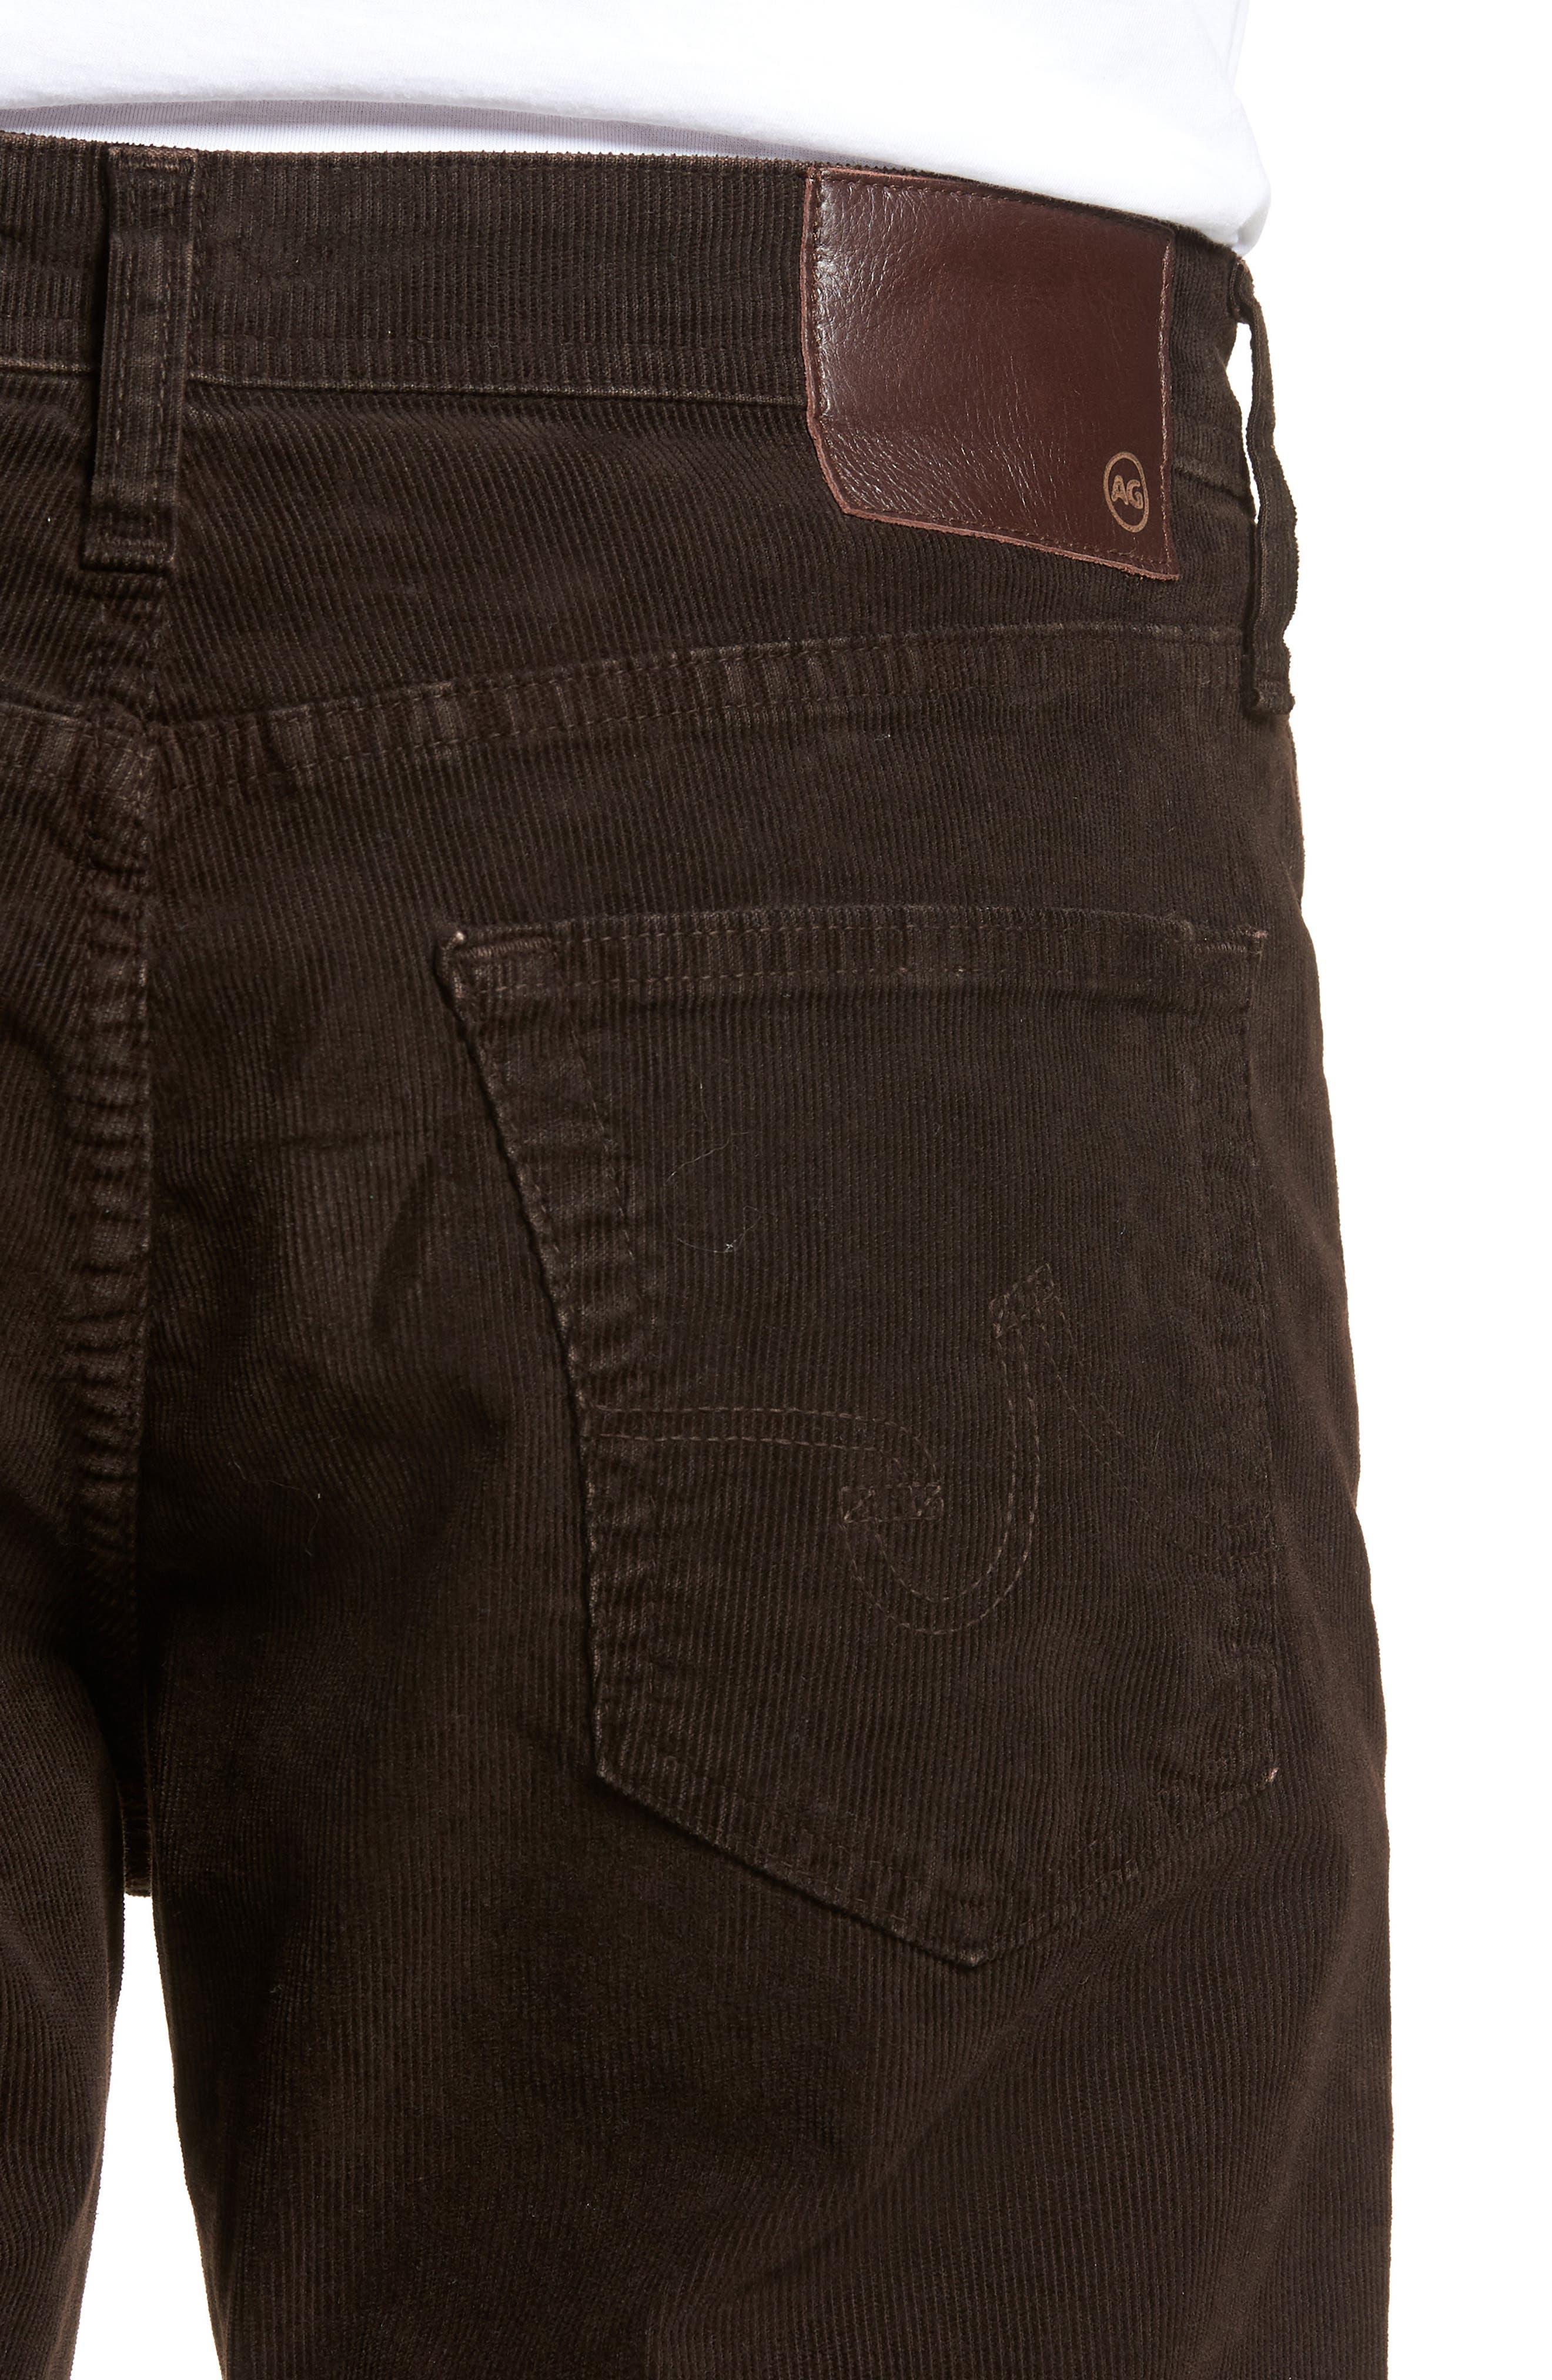 Everett Straight Leg Corduroy Pants,                             Alternate thumbnail 4, color,                             SULFUR SHUTTER